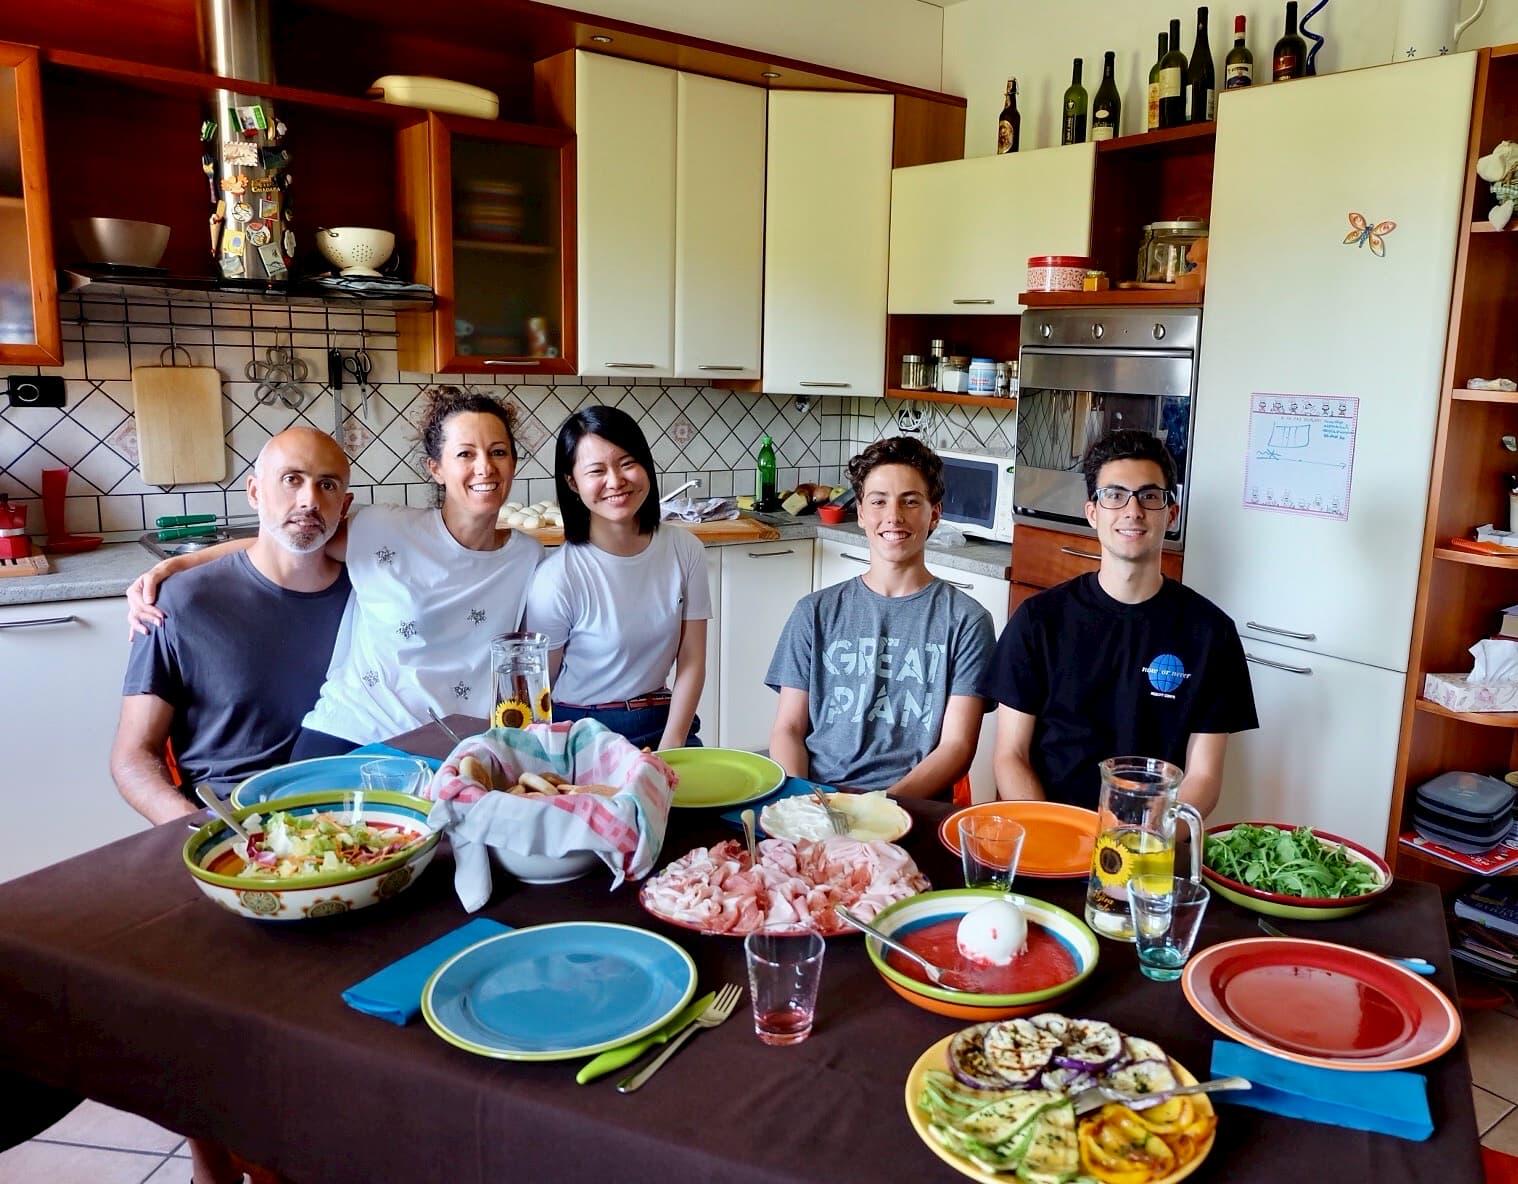 Dîner d'une famille italienne avec une étudiante du Japon - Dinehome